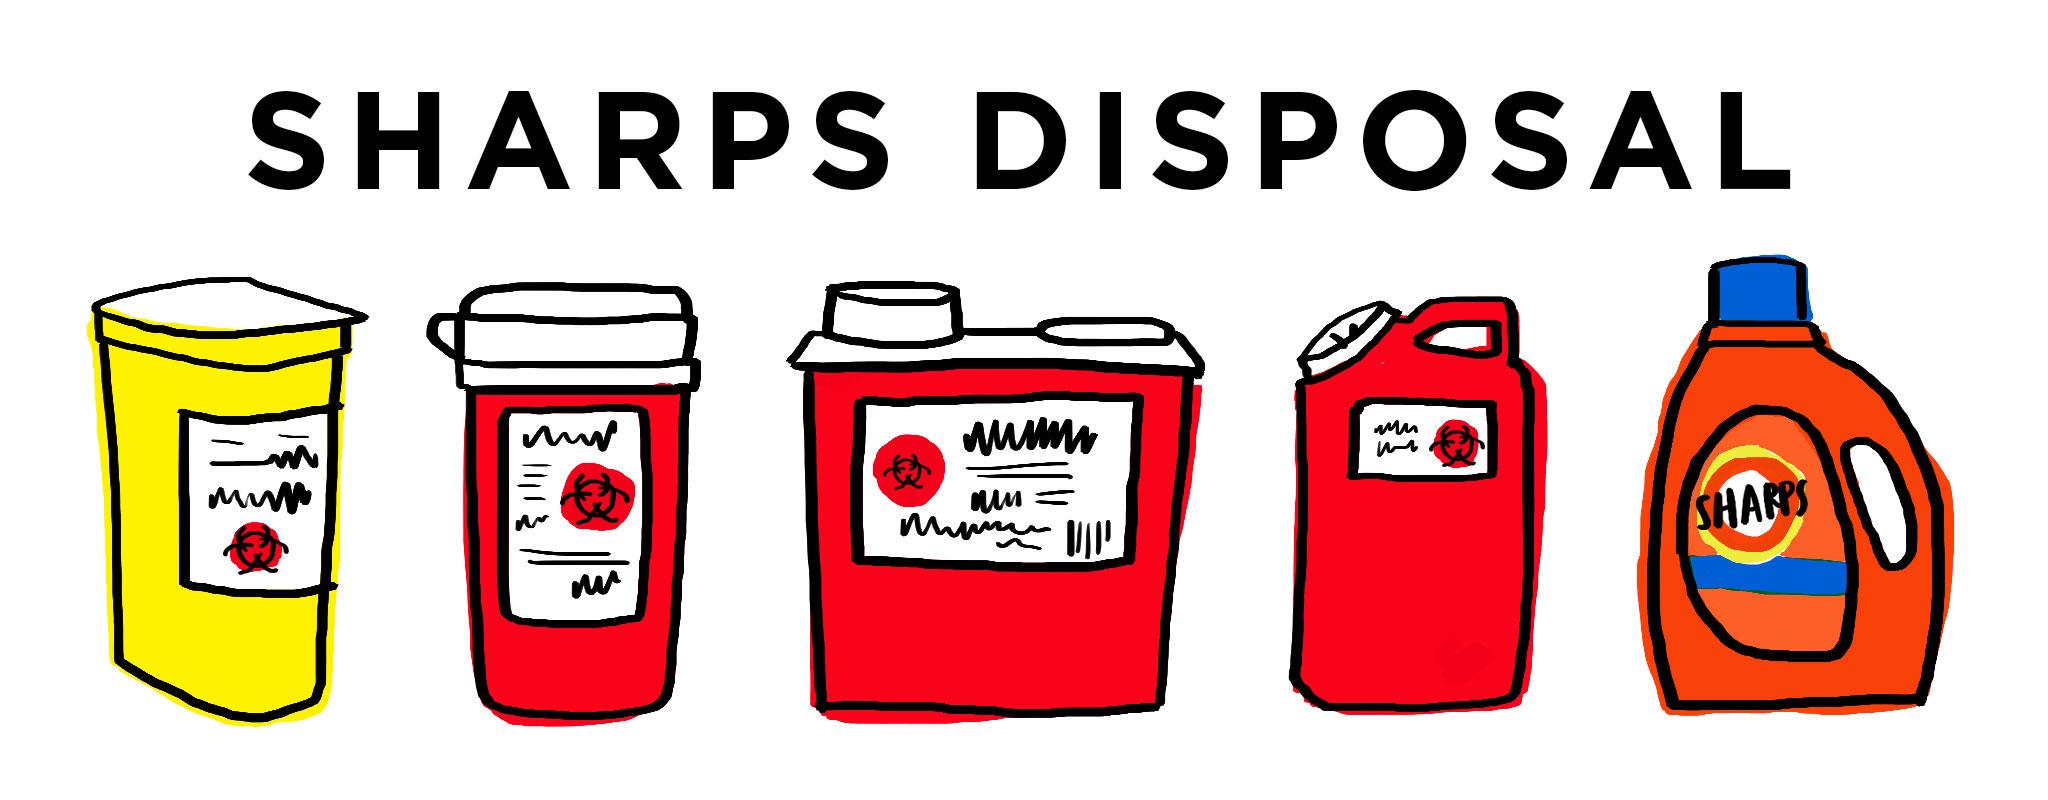 Sharps Disposal.